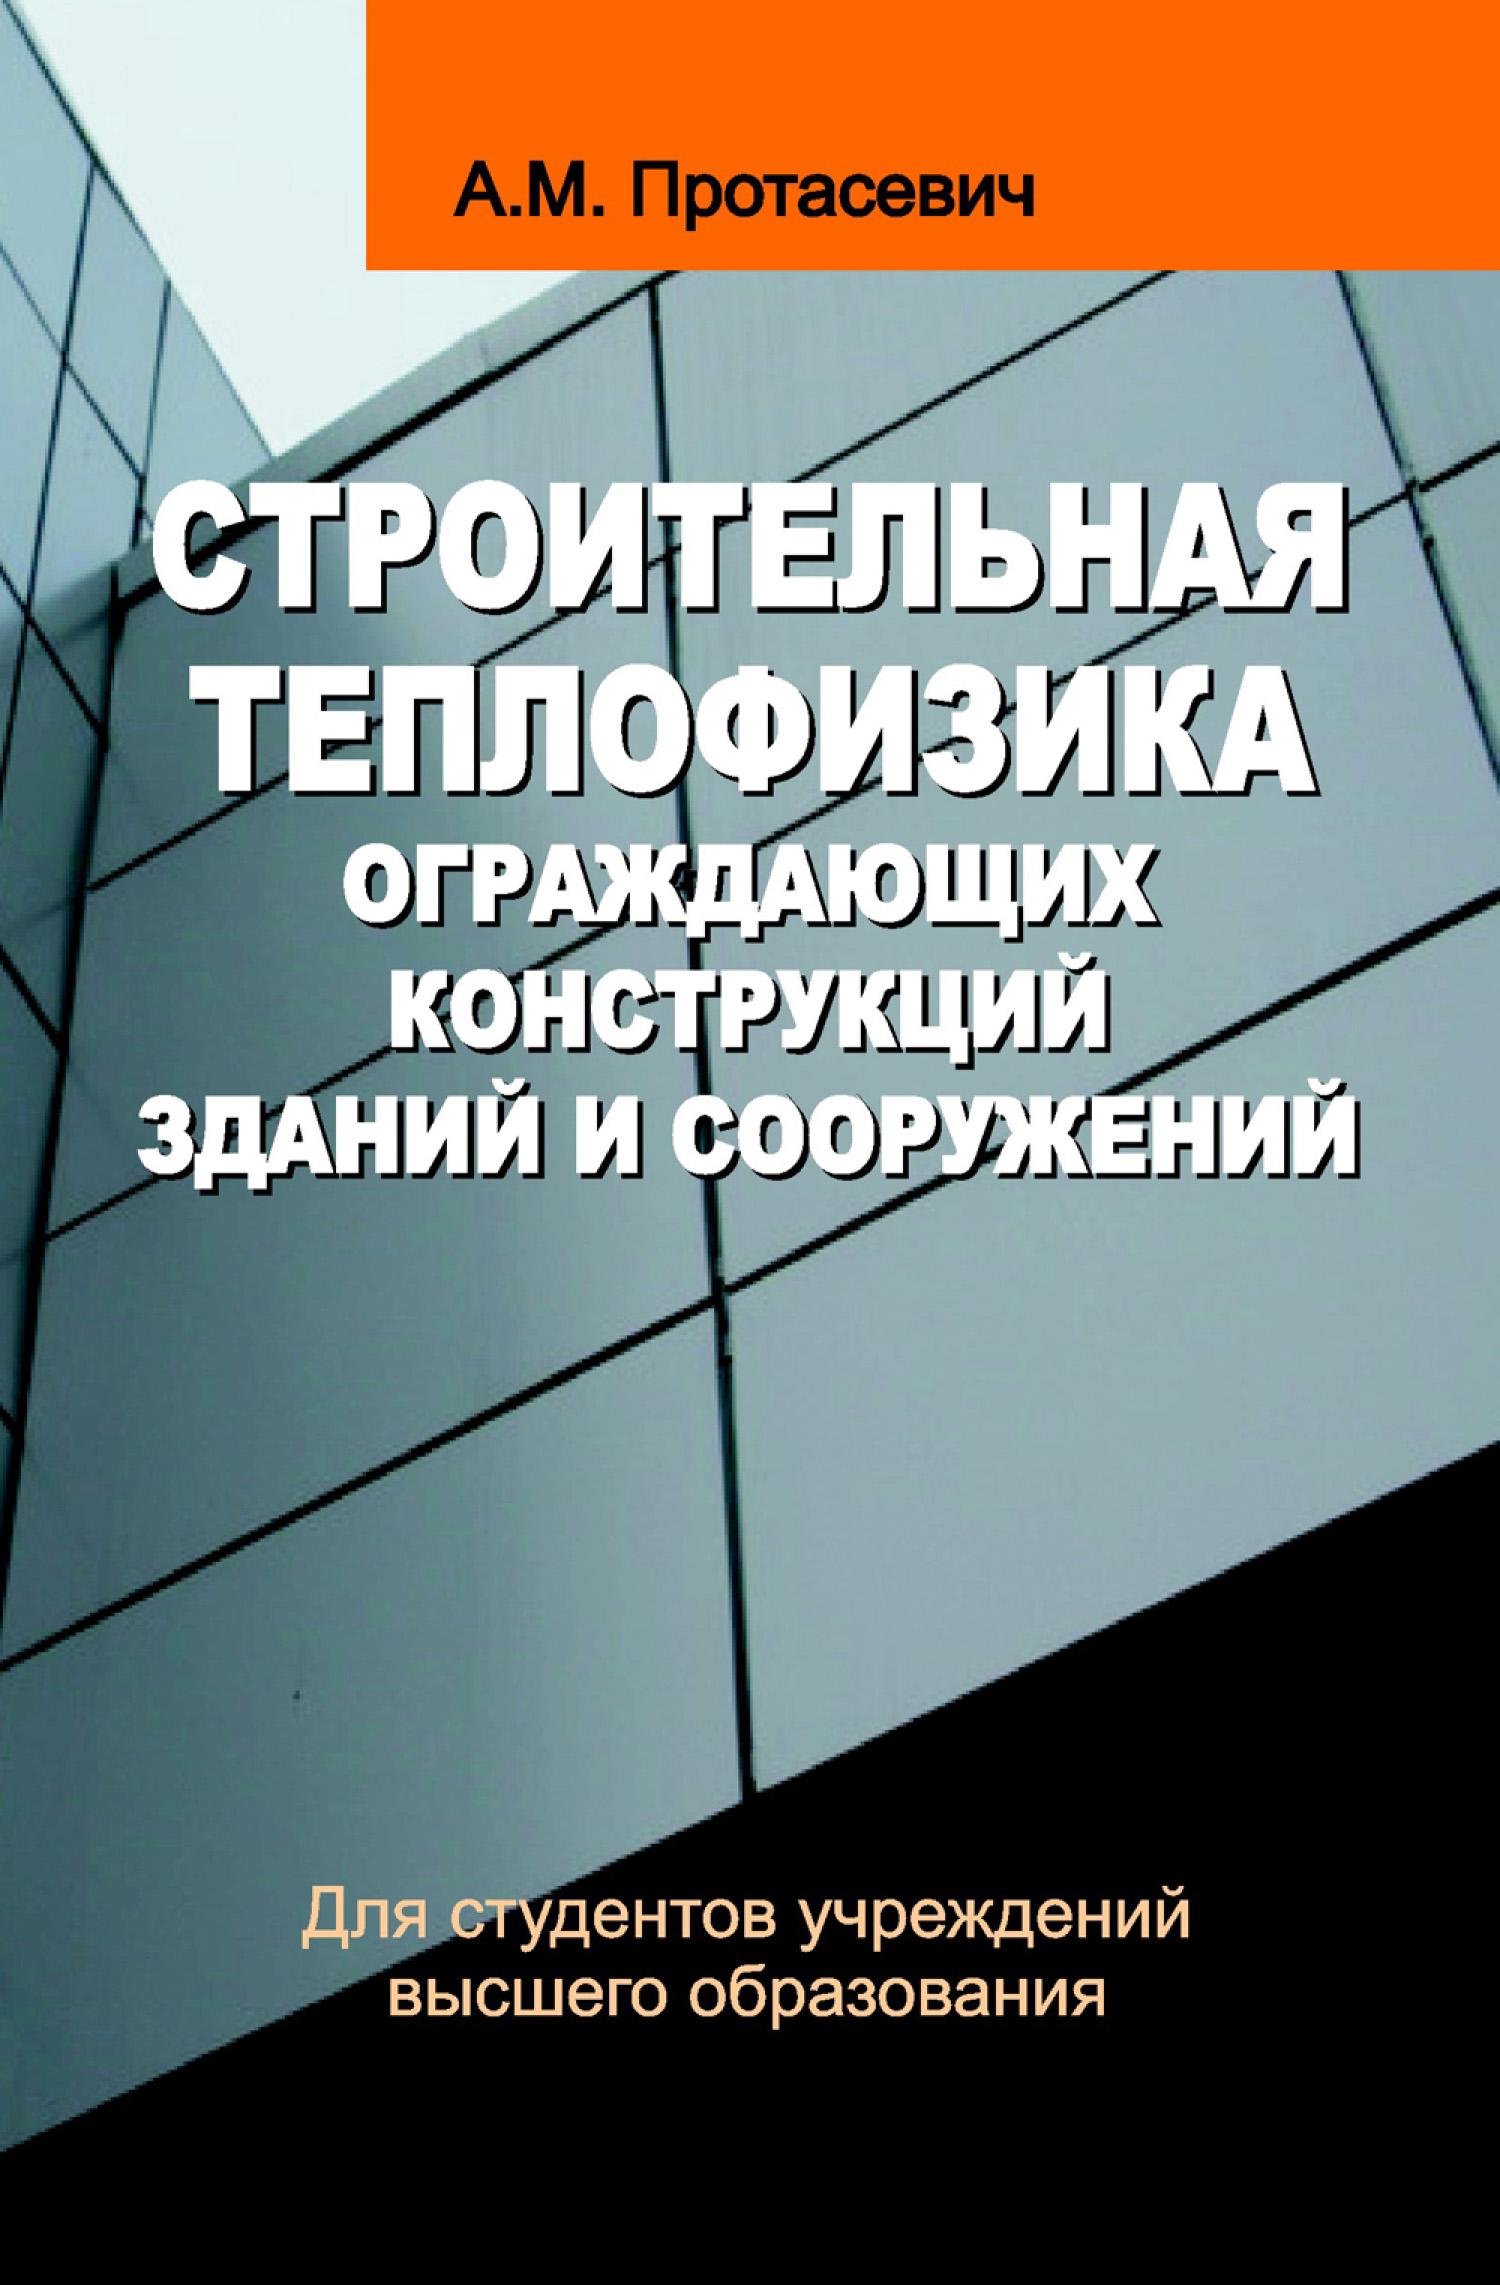 Анатолий Протасевич Строительная теплофизика ограждающих конструкций зданий и сооружений е г малявина теплофизика зданий